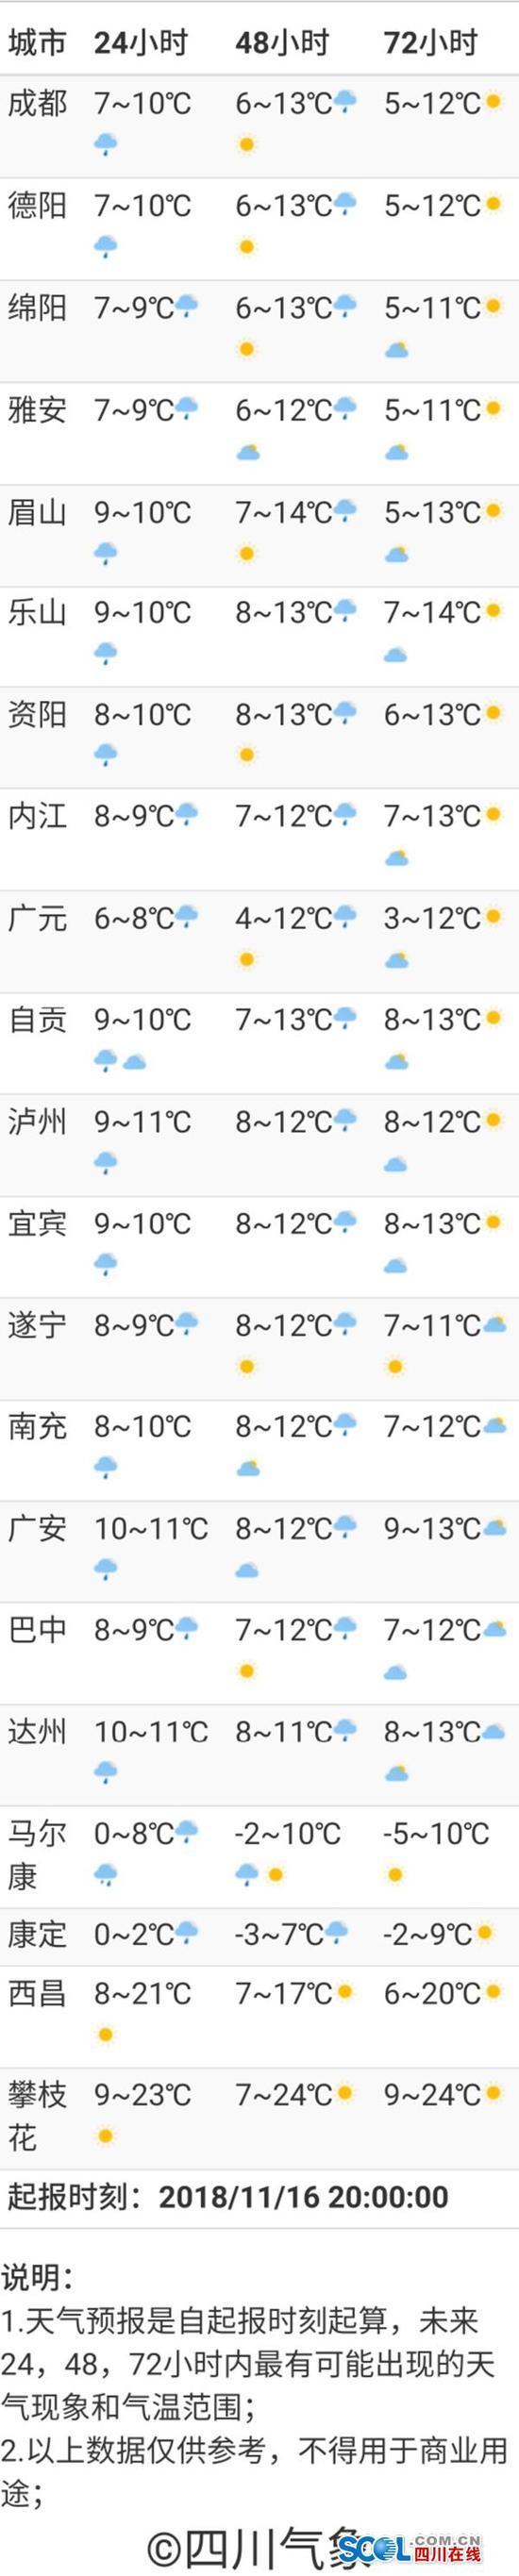 四川继续冷 盆地最低气温6-9℃周日气温回升